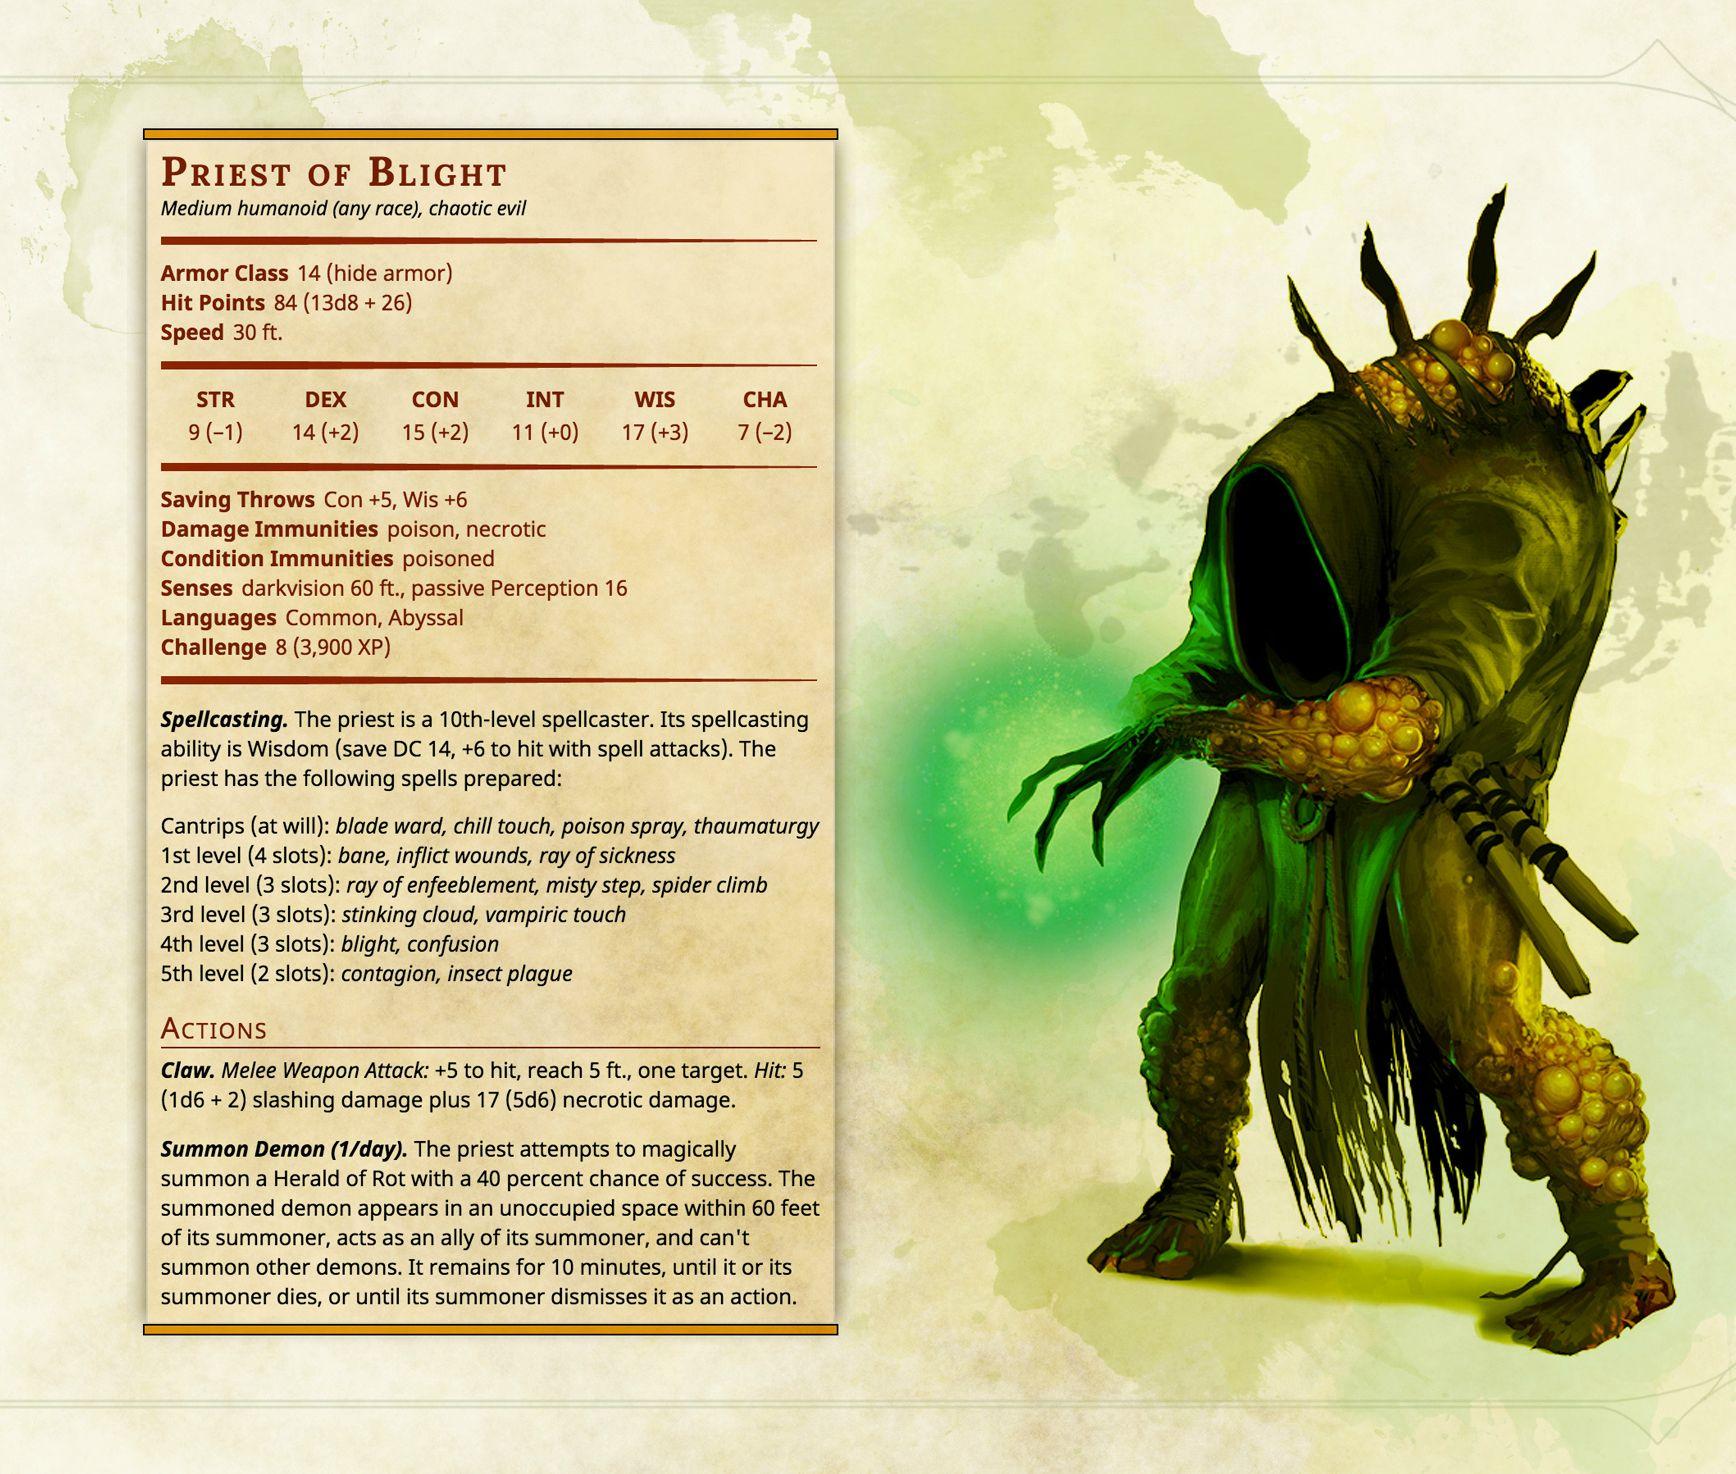 Priest_of_Blight.jpg